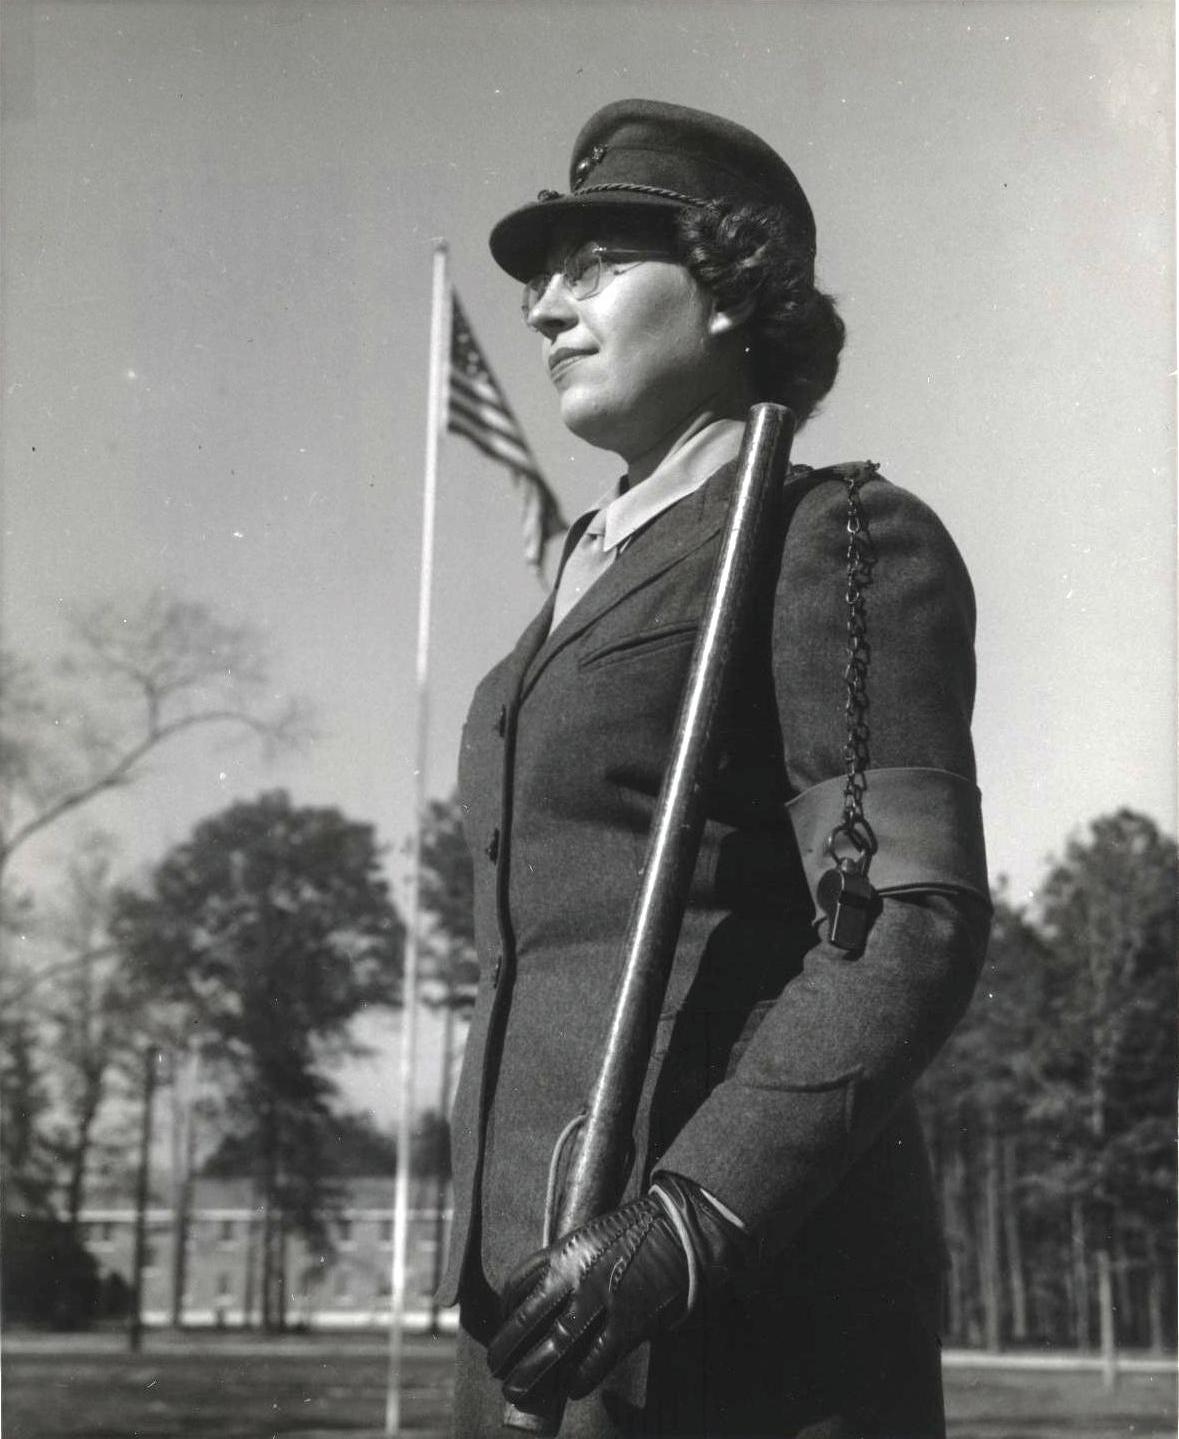 Woman Marine Sentry at Camp Lejeune